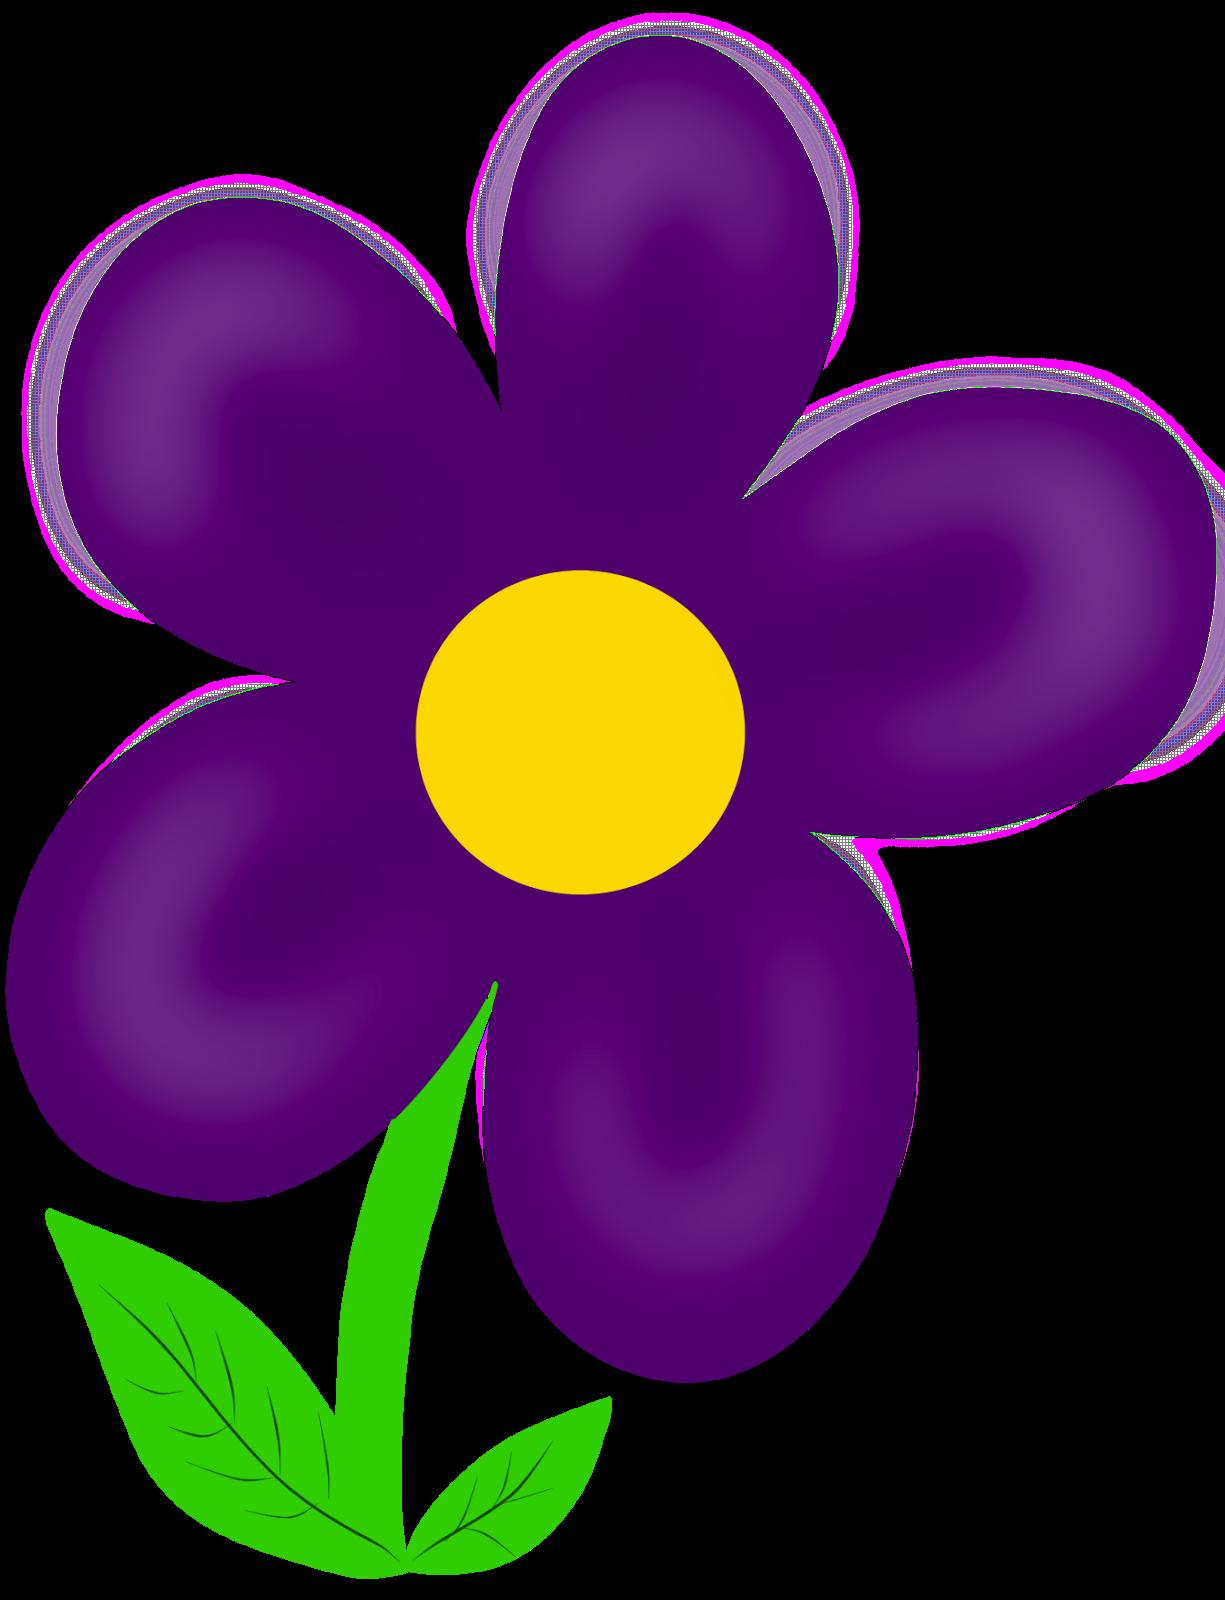 Gallery clipart april flower Images Panda Clipart Purple Clip